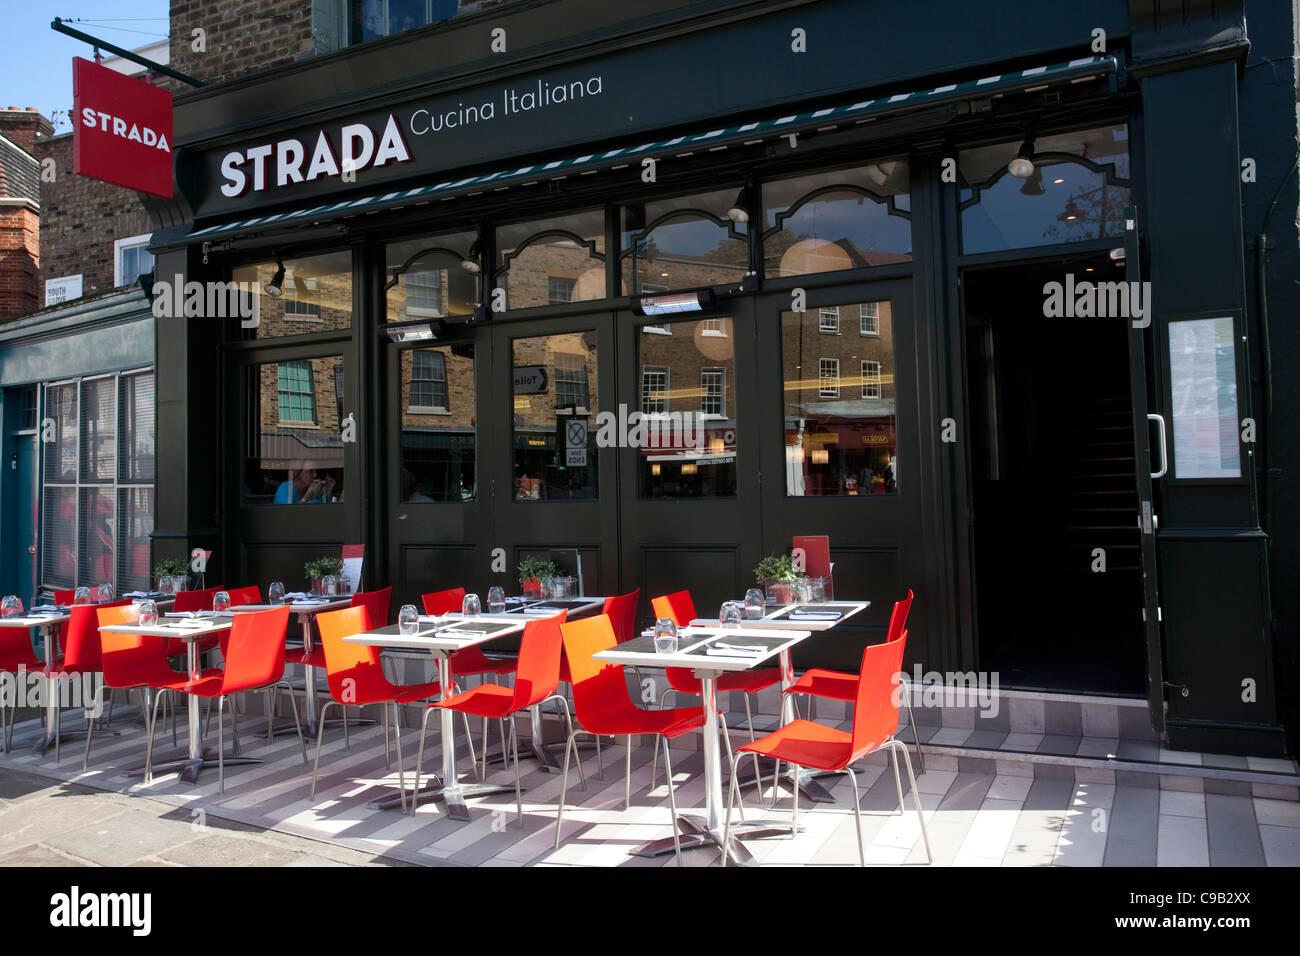 Strada Cucina Italiana. Foto:Jeff Gilbert Imagen De Stock